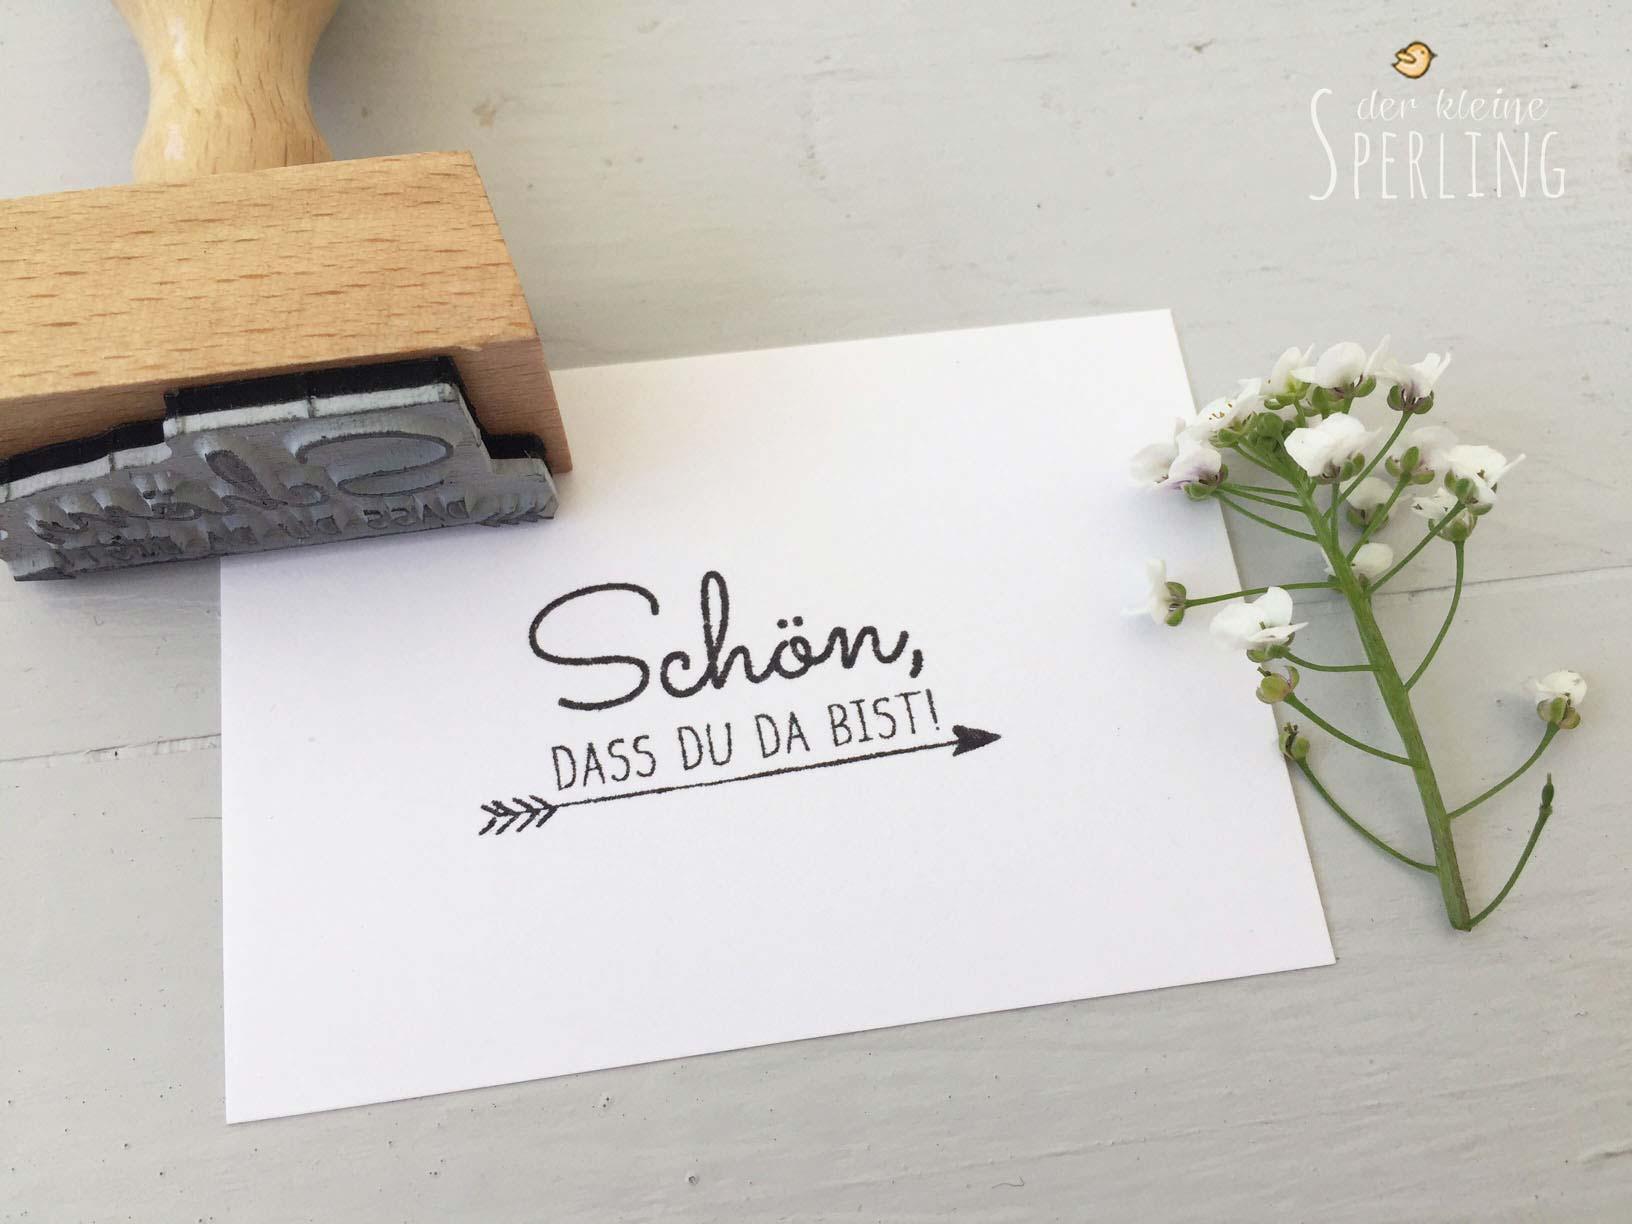 Stempel zur Hochzeit: Schön, dass du da bist!